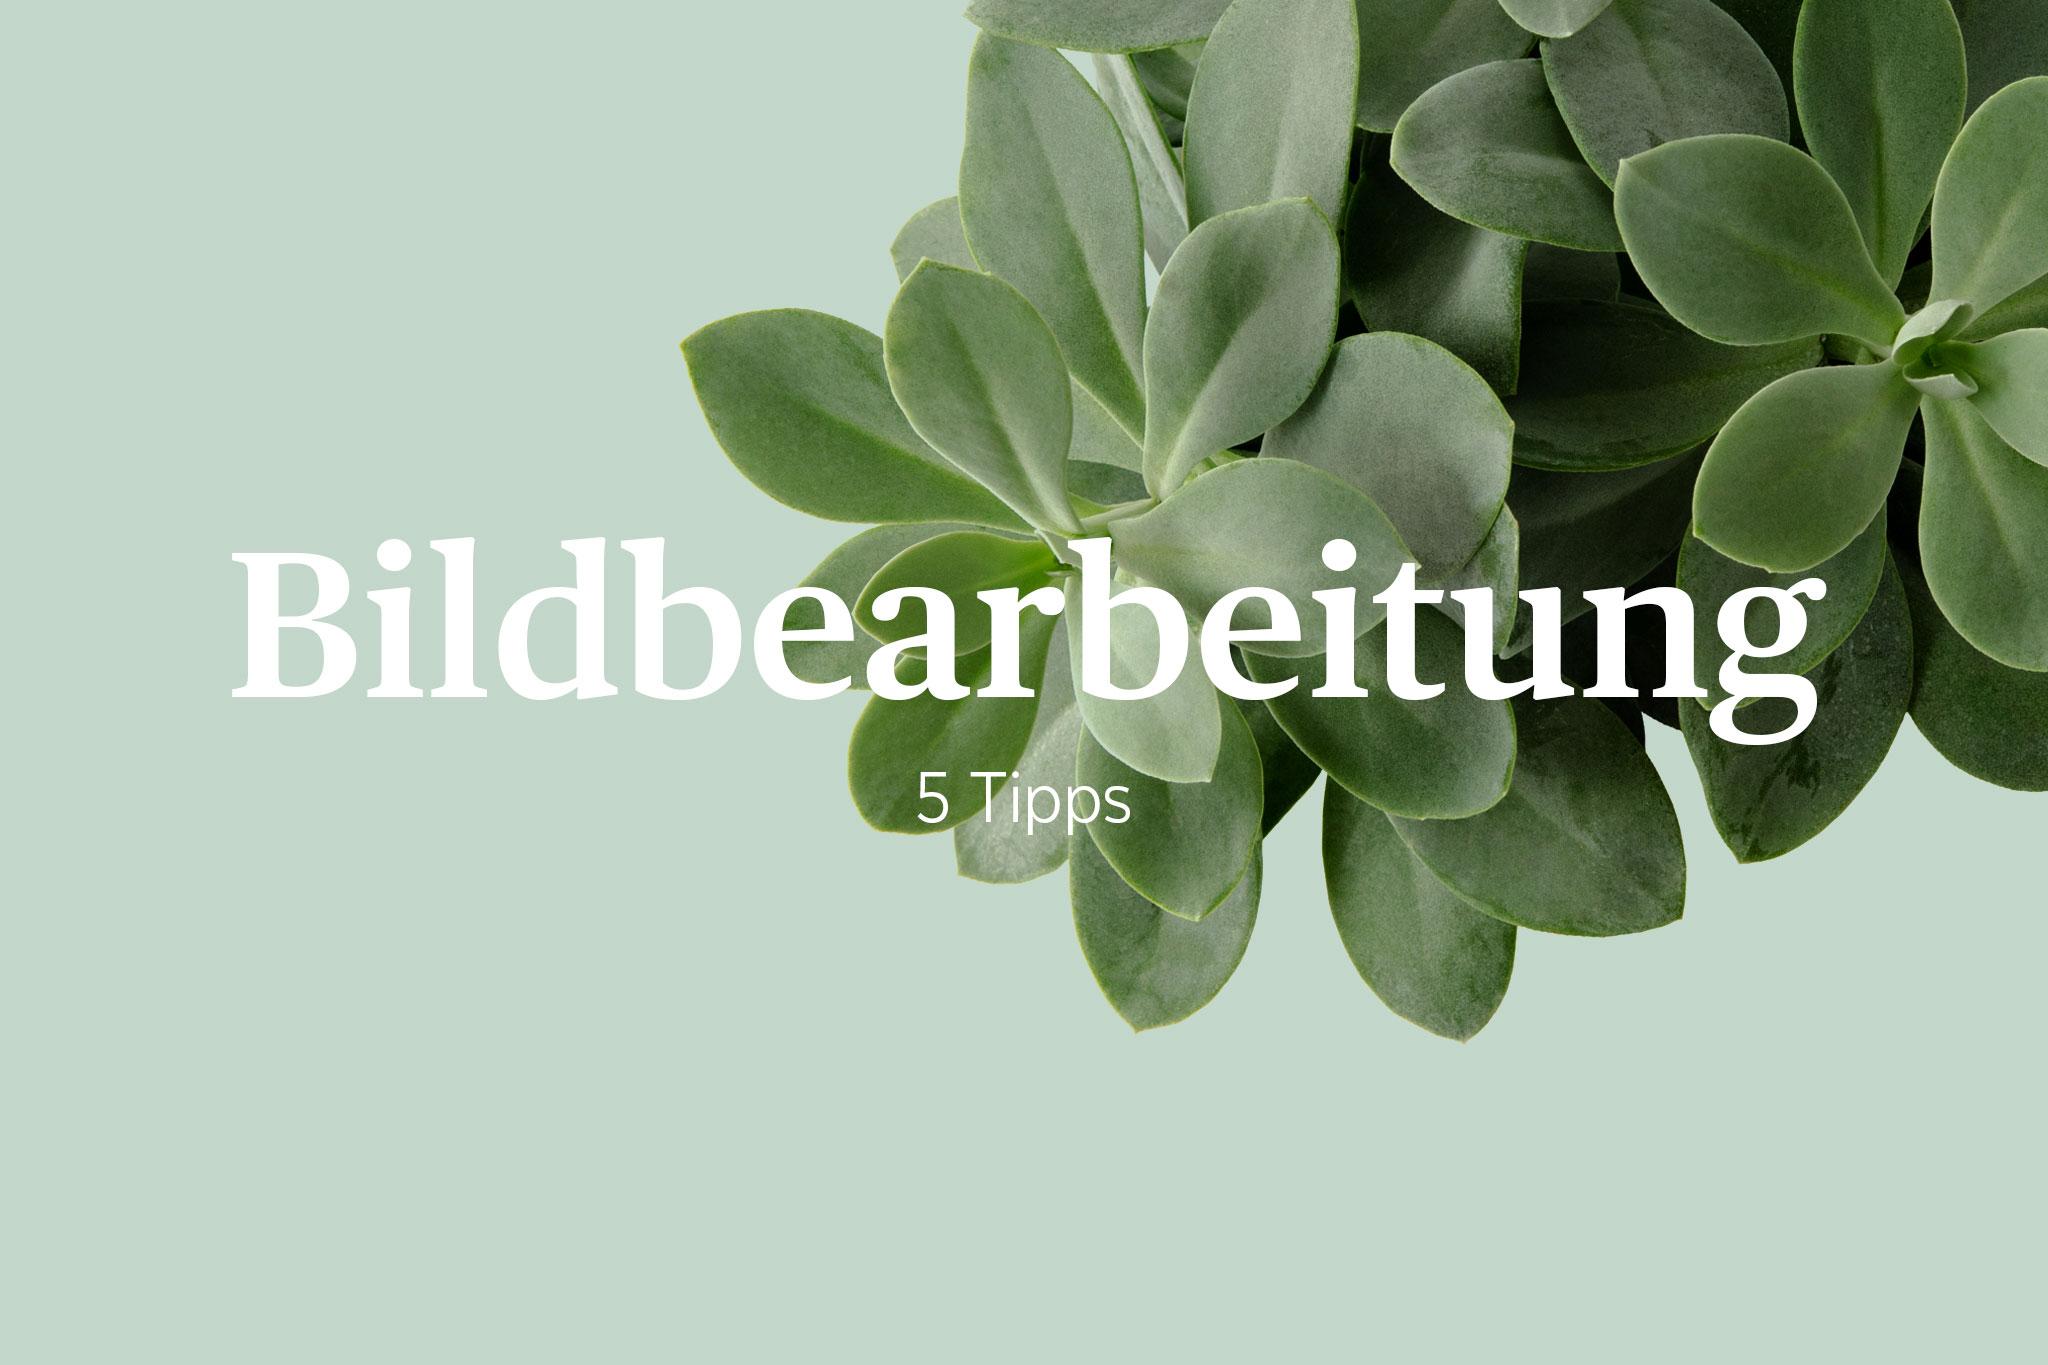 Titelbild für Blogbeitrag mit Schriftzug Bildbarbeitung